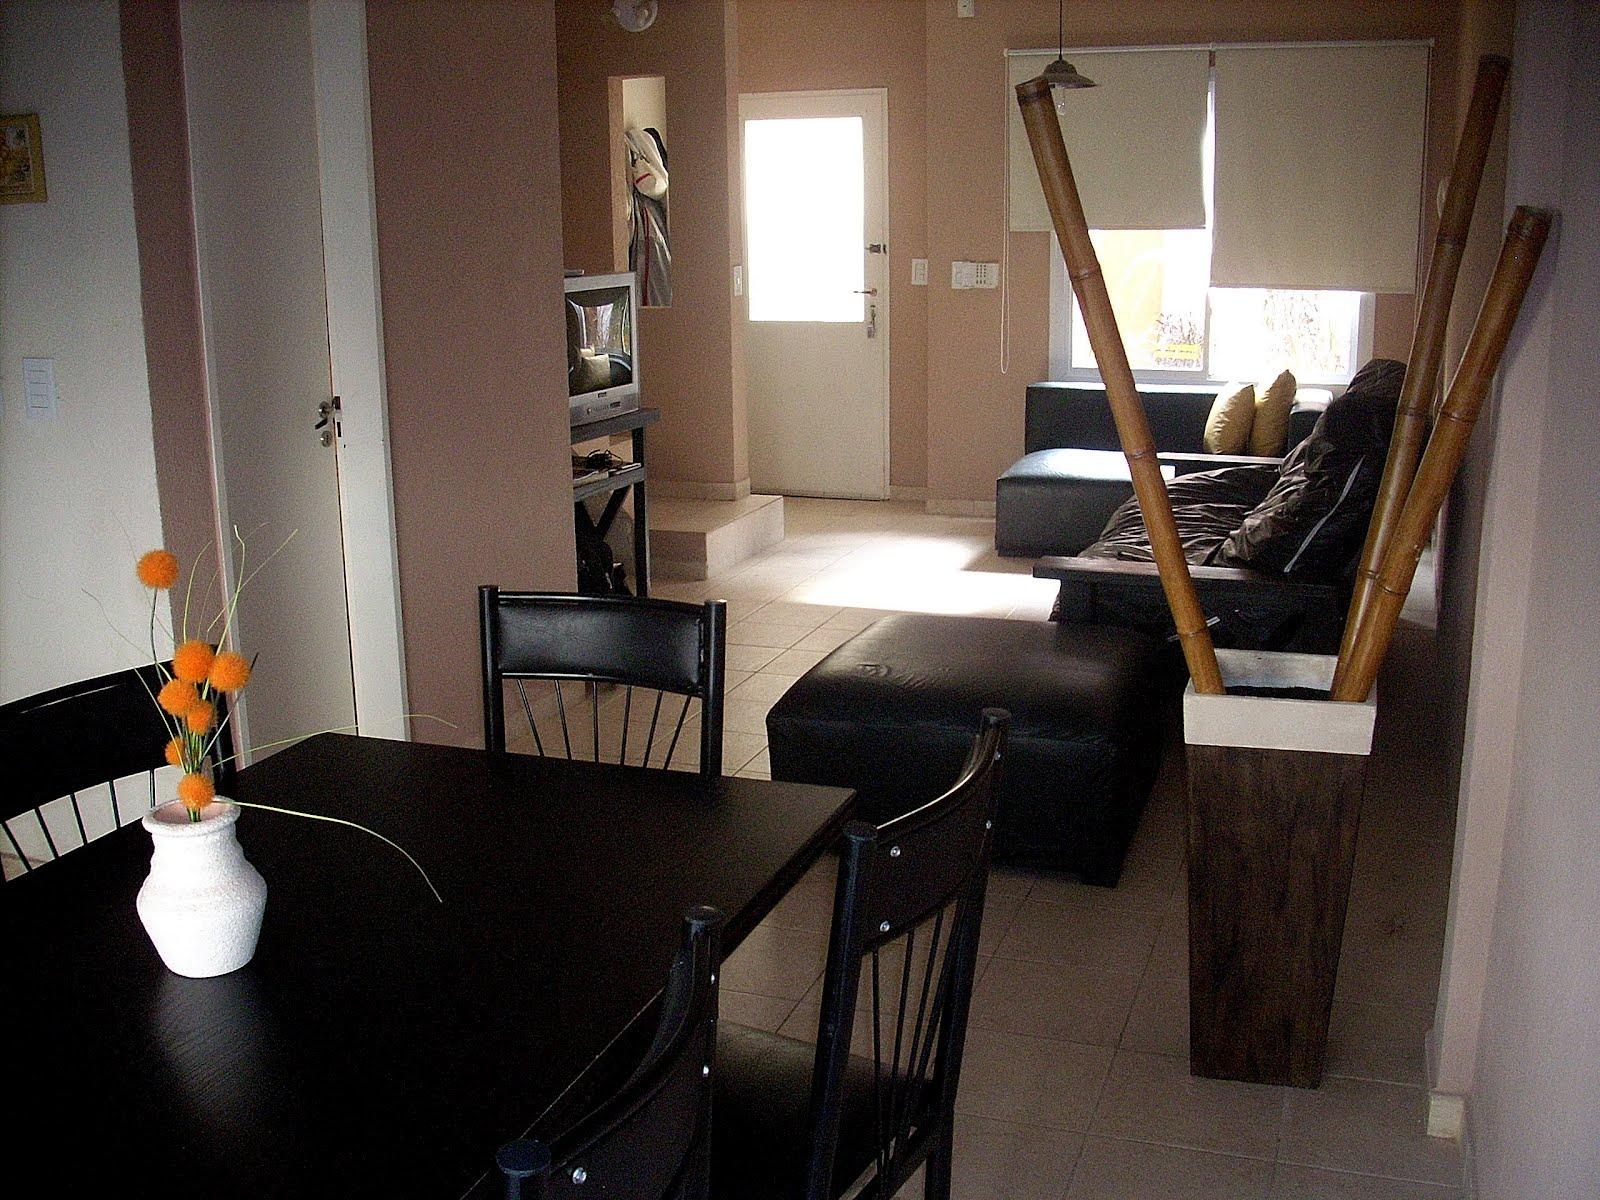 Duplex en pinamar planta baja entrada living toillette for Decoracion cocina integrada al living comedor